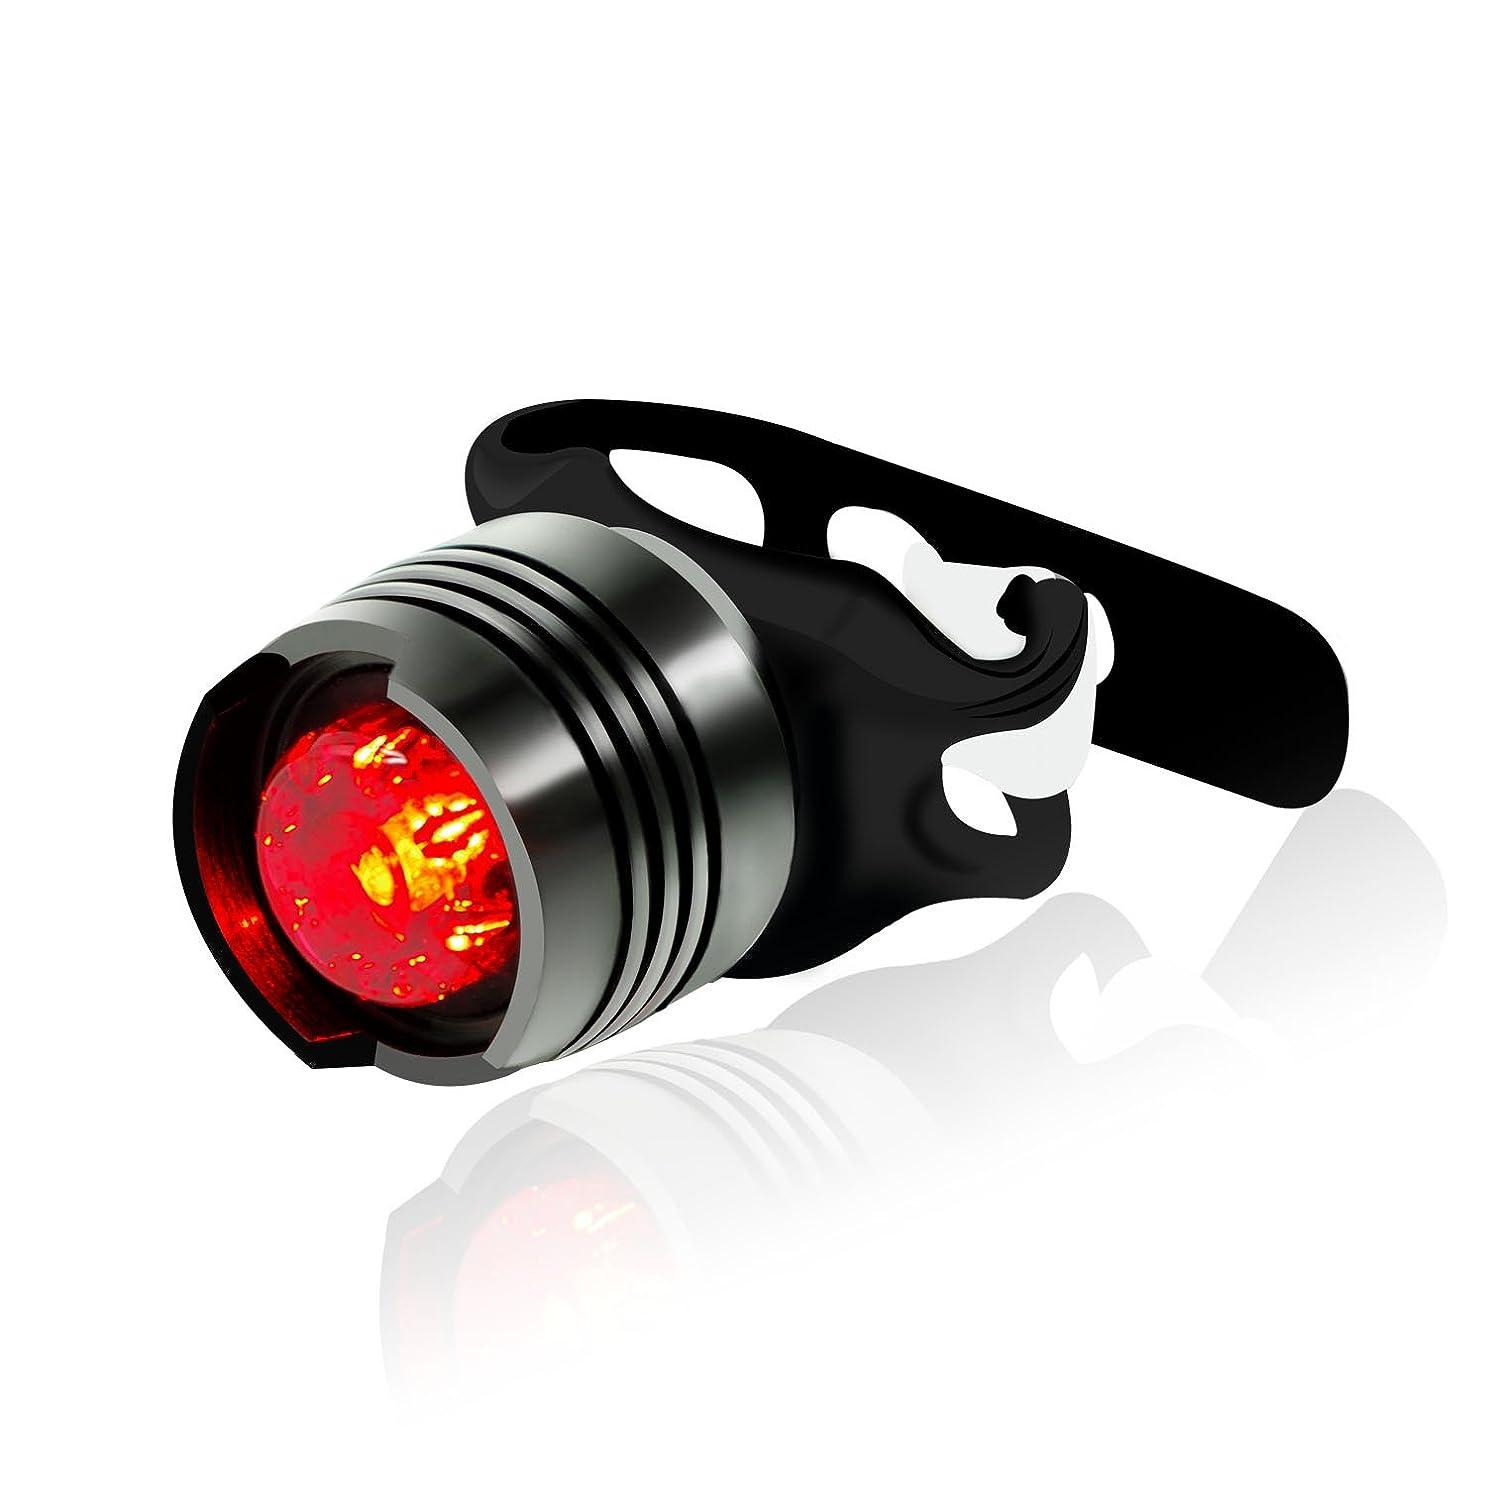 品ラフアベニューYATDA テールライト 自転車用 尾灯 アルミ合金製 LED 電池式 防水 高輝度 3点灯モード 夜間走行 リアライト 小型